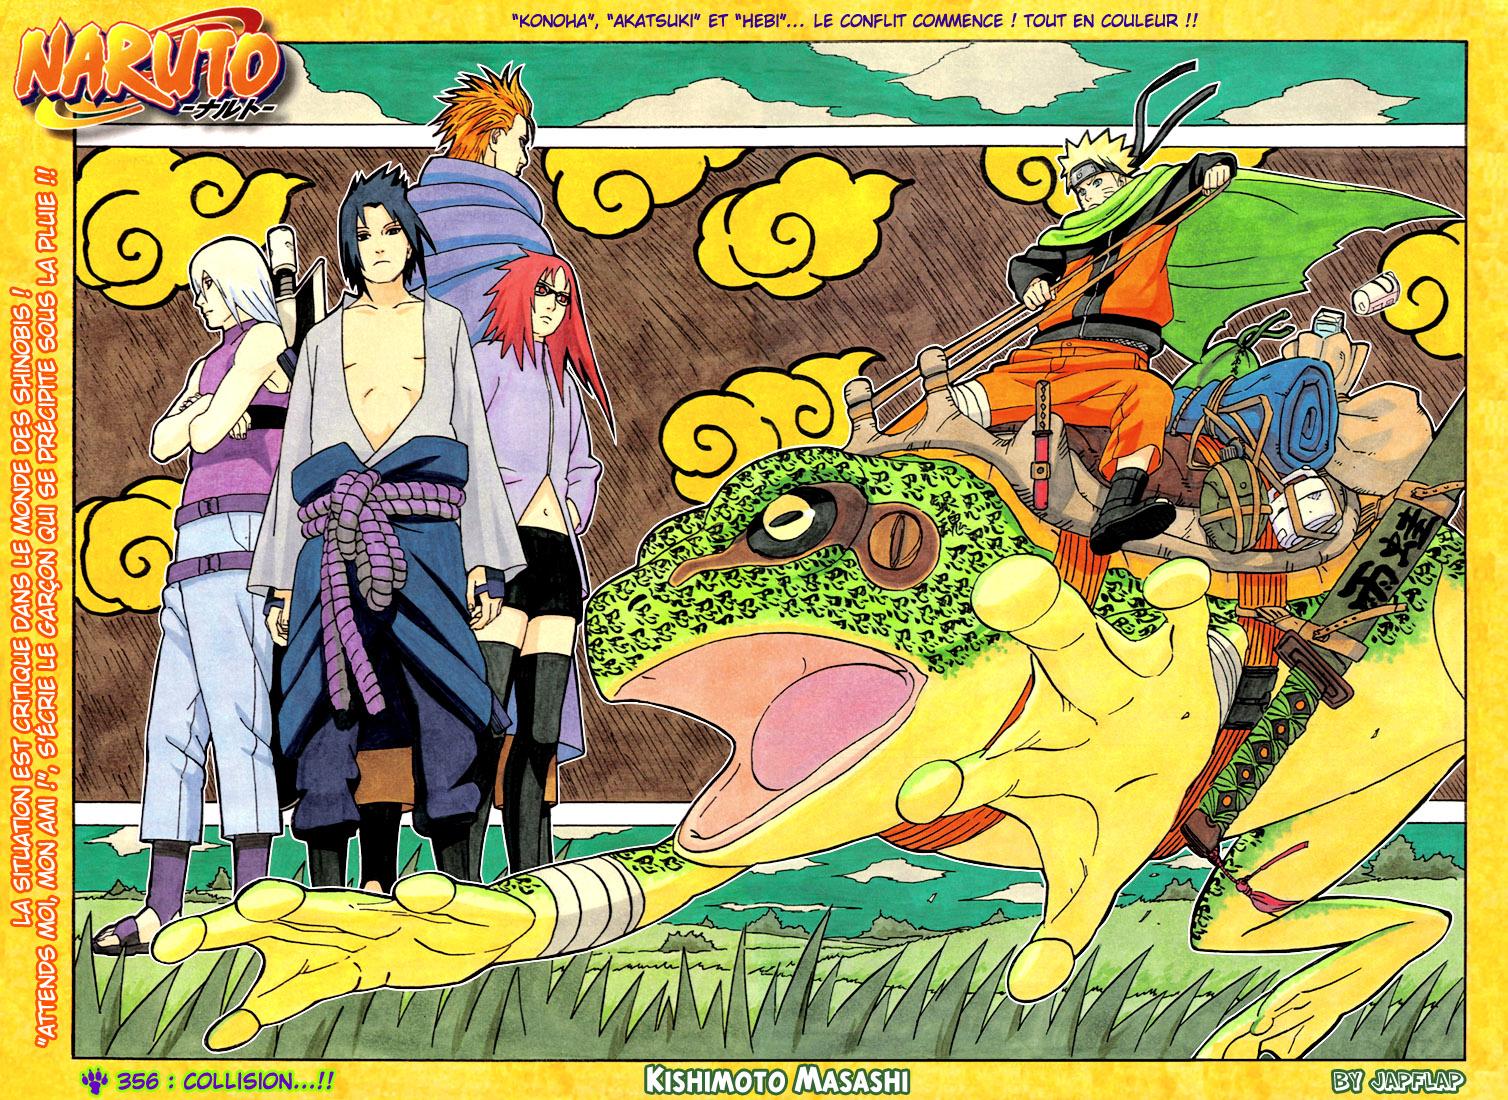 Naruto chapitre 356 - Page 1